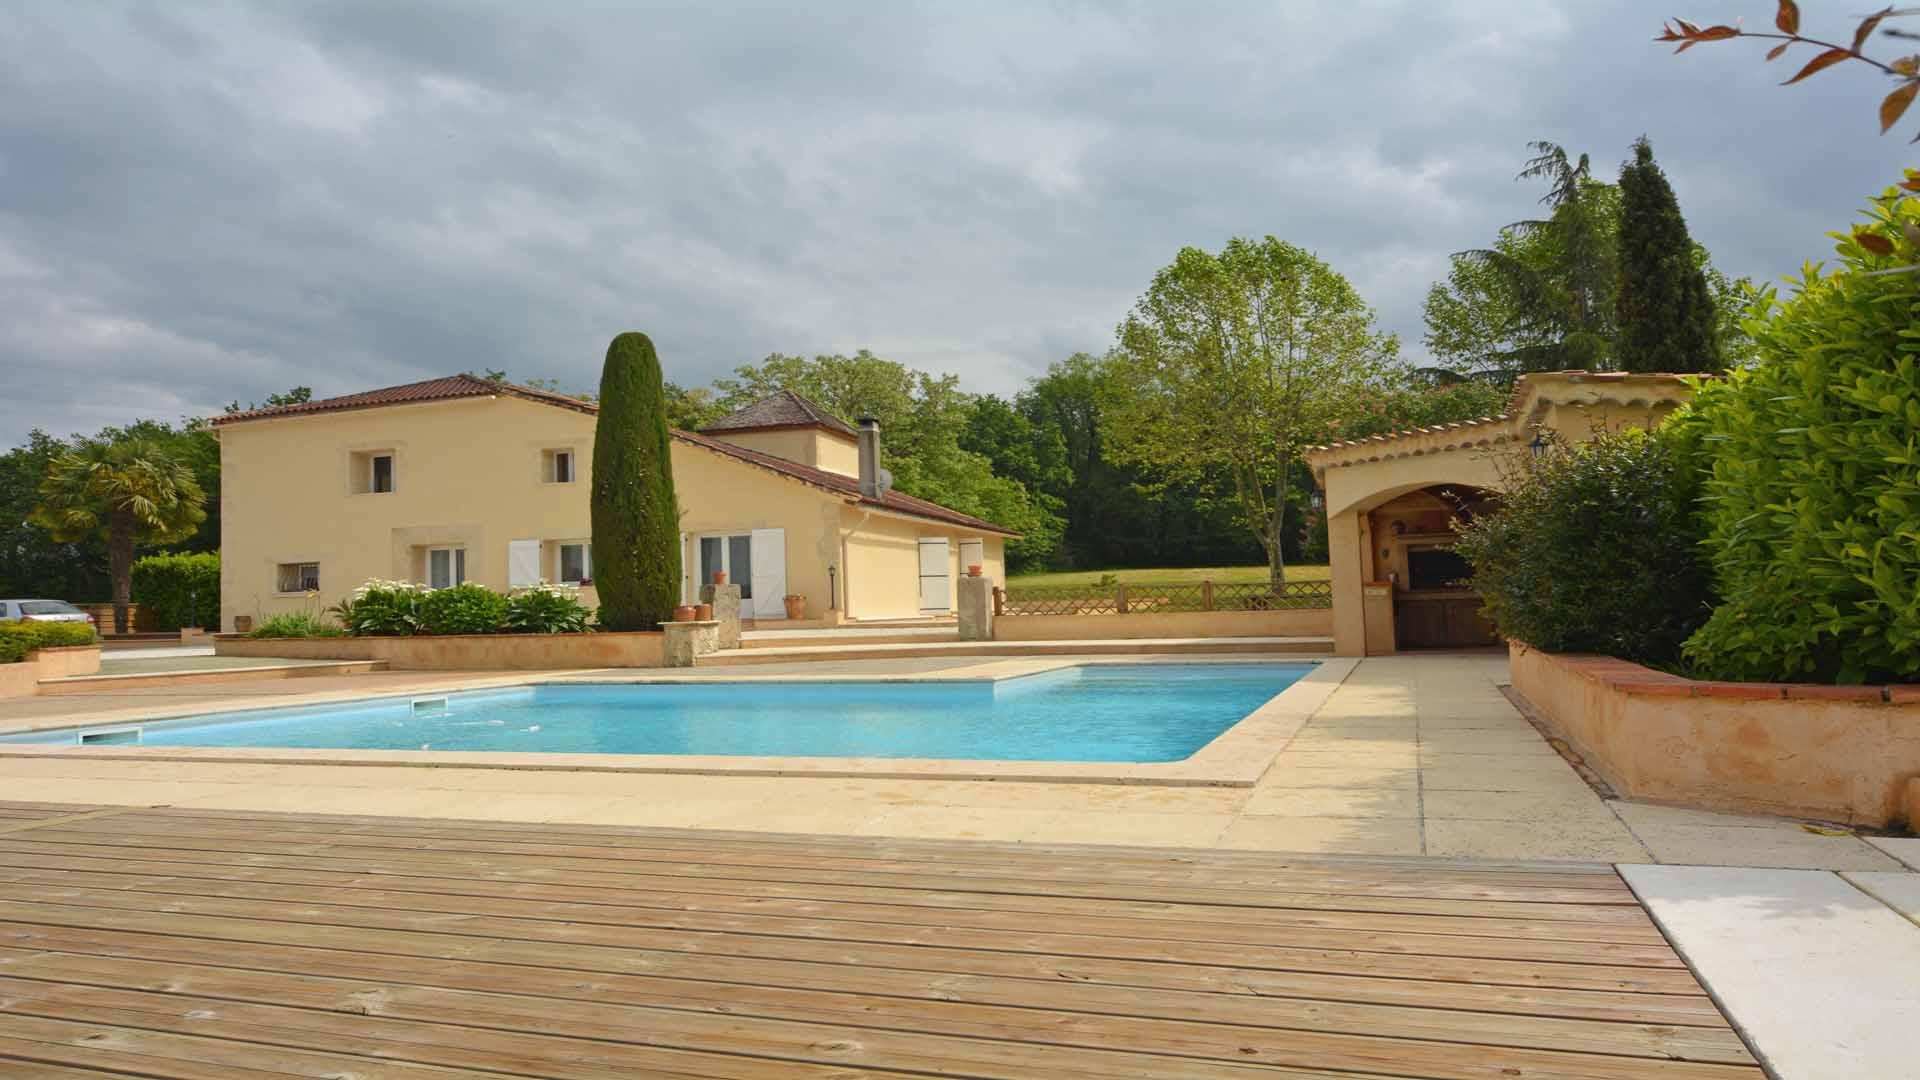 Maison de campagne de 250m2 avec pigeonnier piscine 2has for Maison moderne 250m2